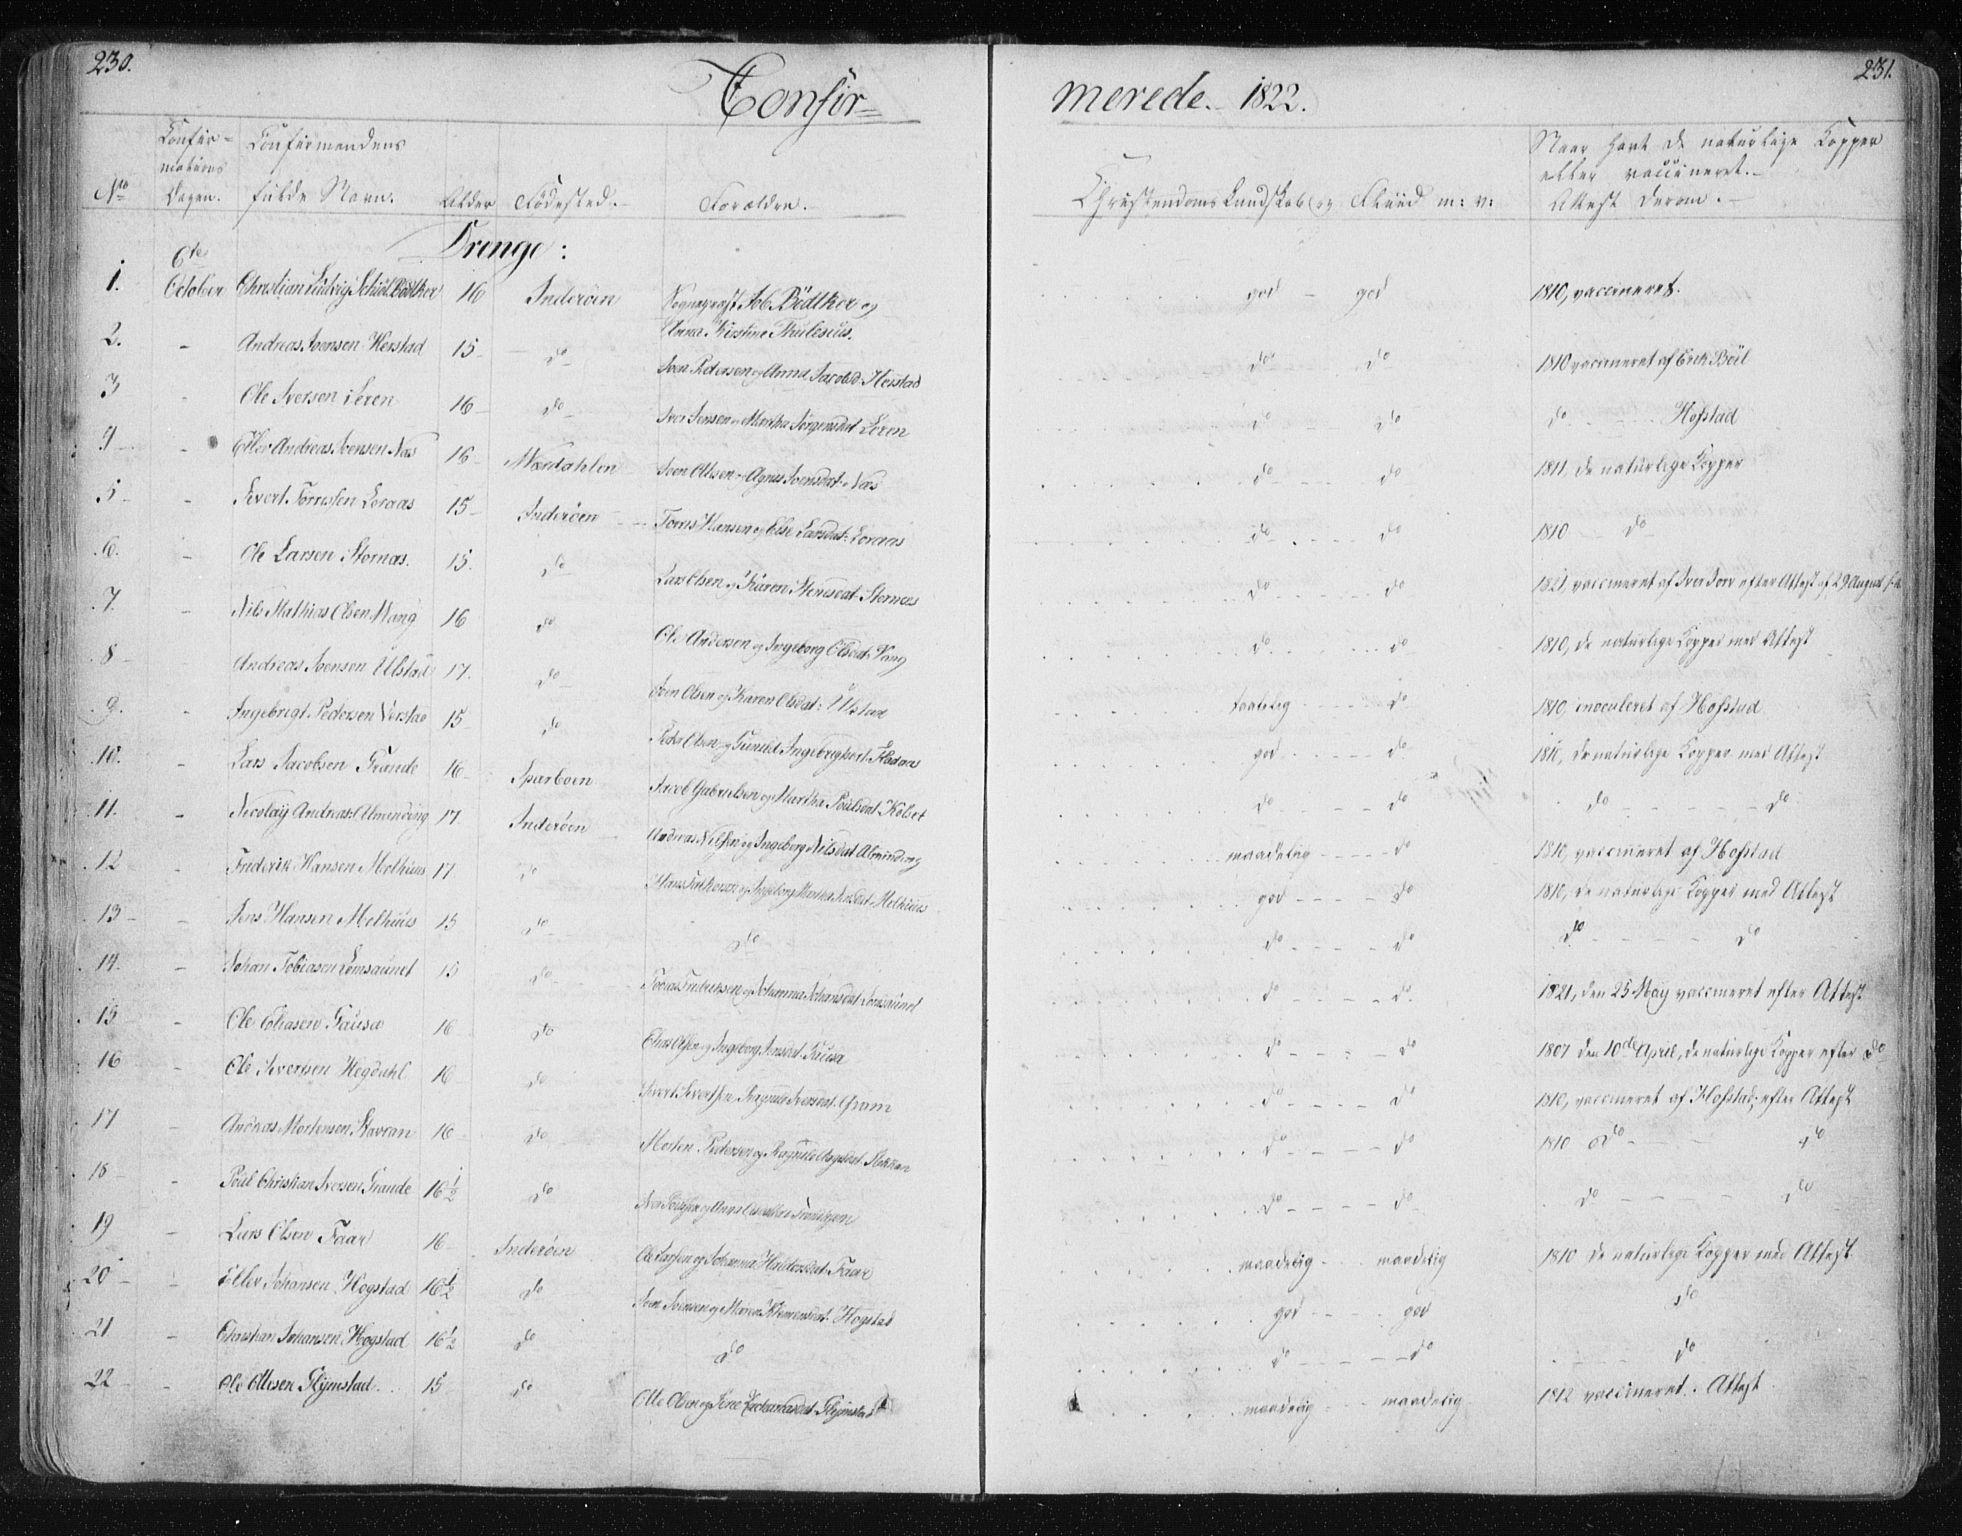 SAT, Ministerialprotokoller, klokkerbøker og fødselsregistre - Nord-Trøndelag, 730/L0276: Ministerialbok nr. 730A05, 1822-1830, s. 230-231